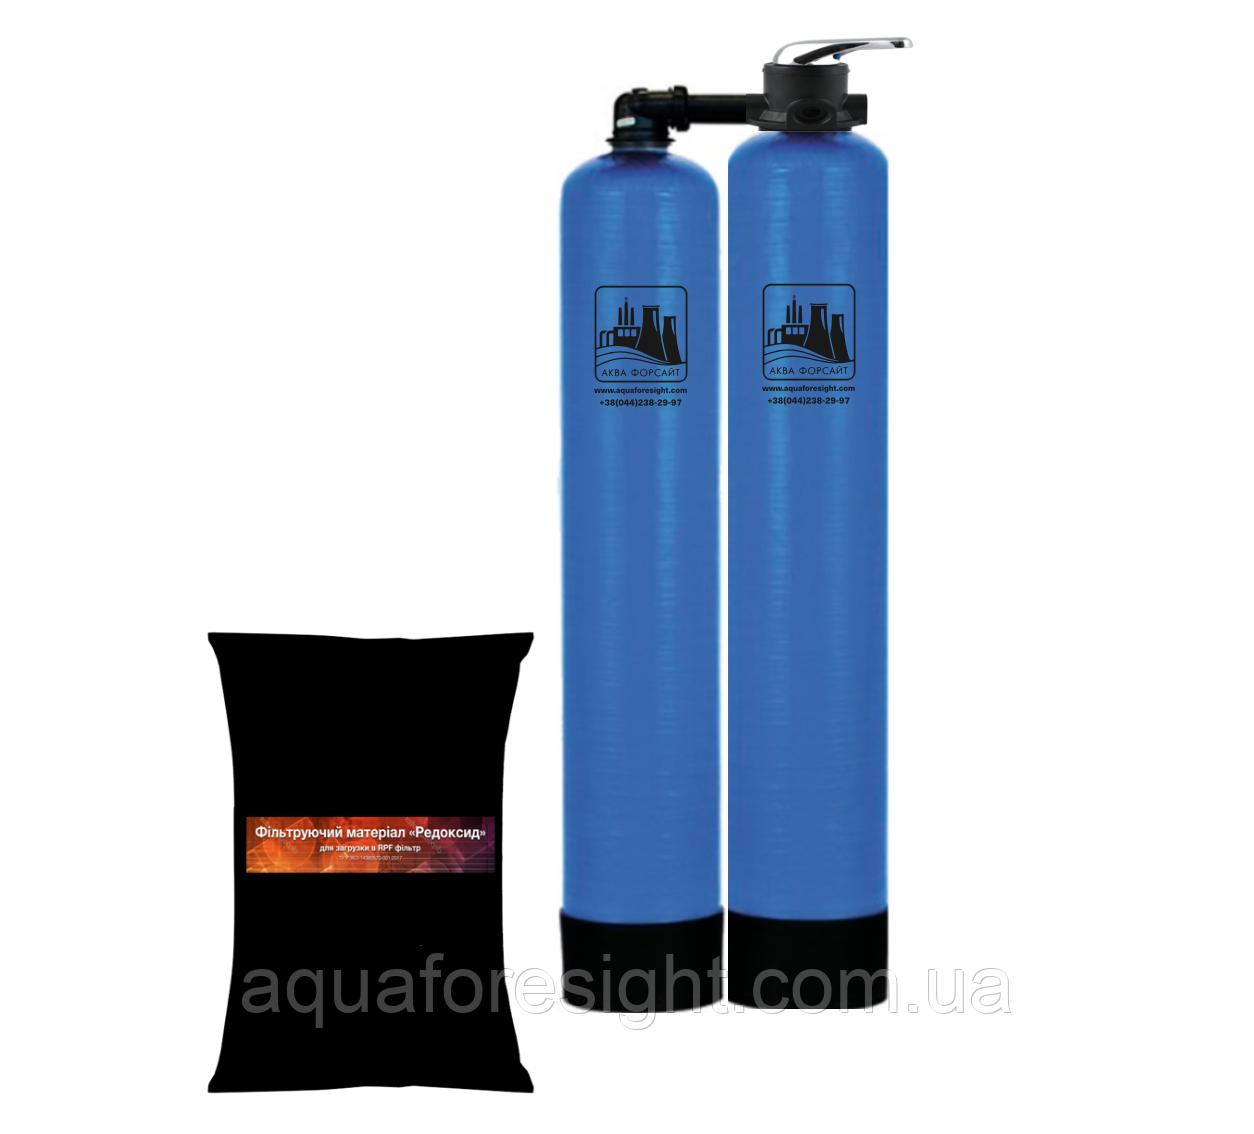 Нетермический деаэратор RPF1248 (водоподпитка до 150 л/час)